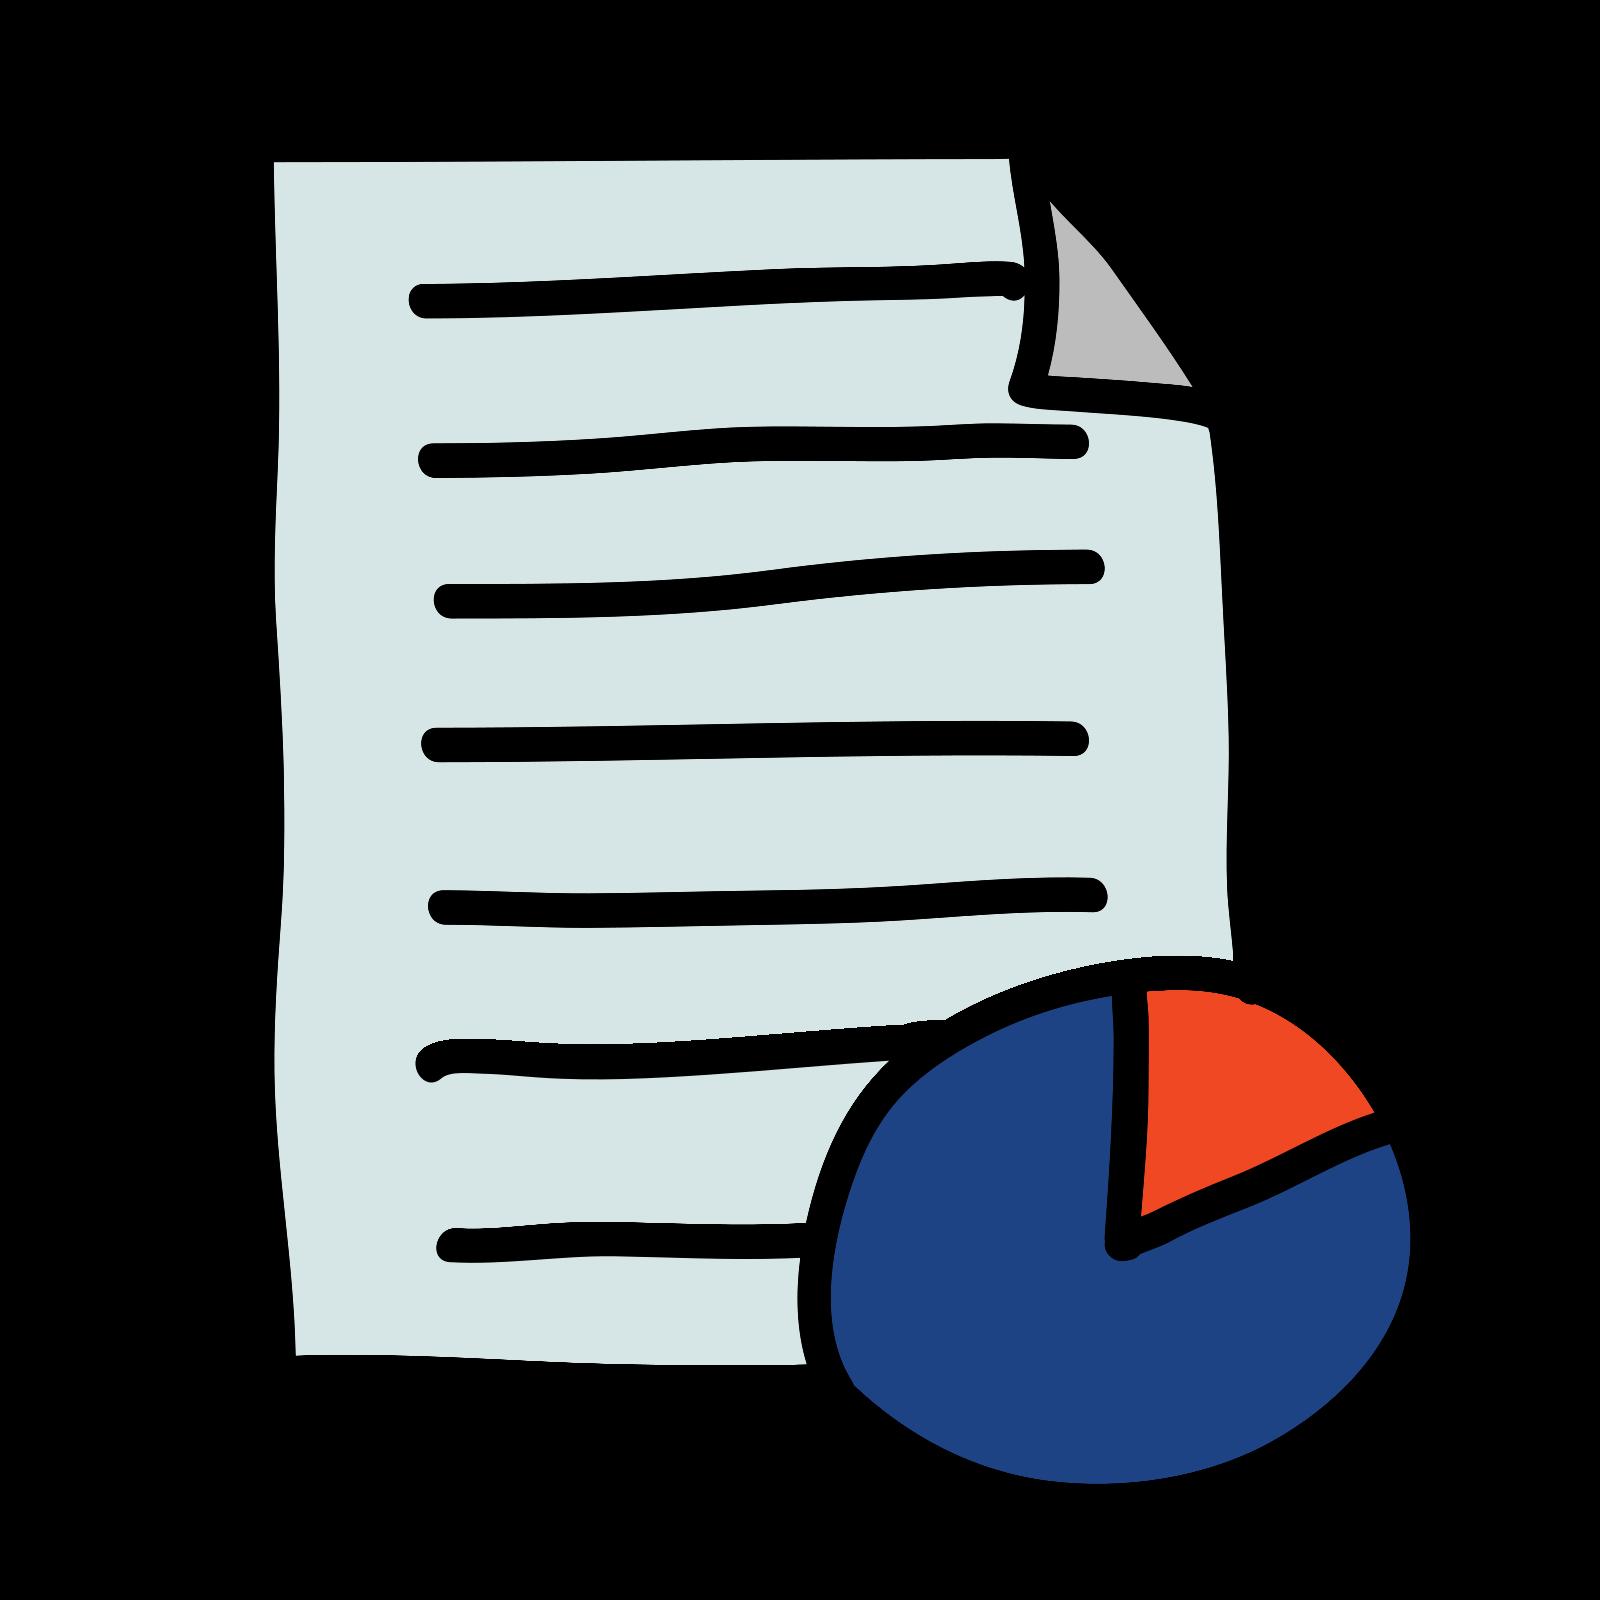 Raport biznesowy icon